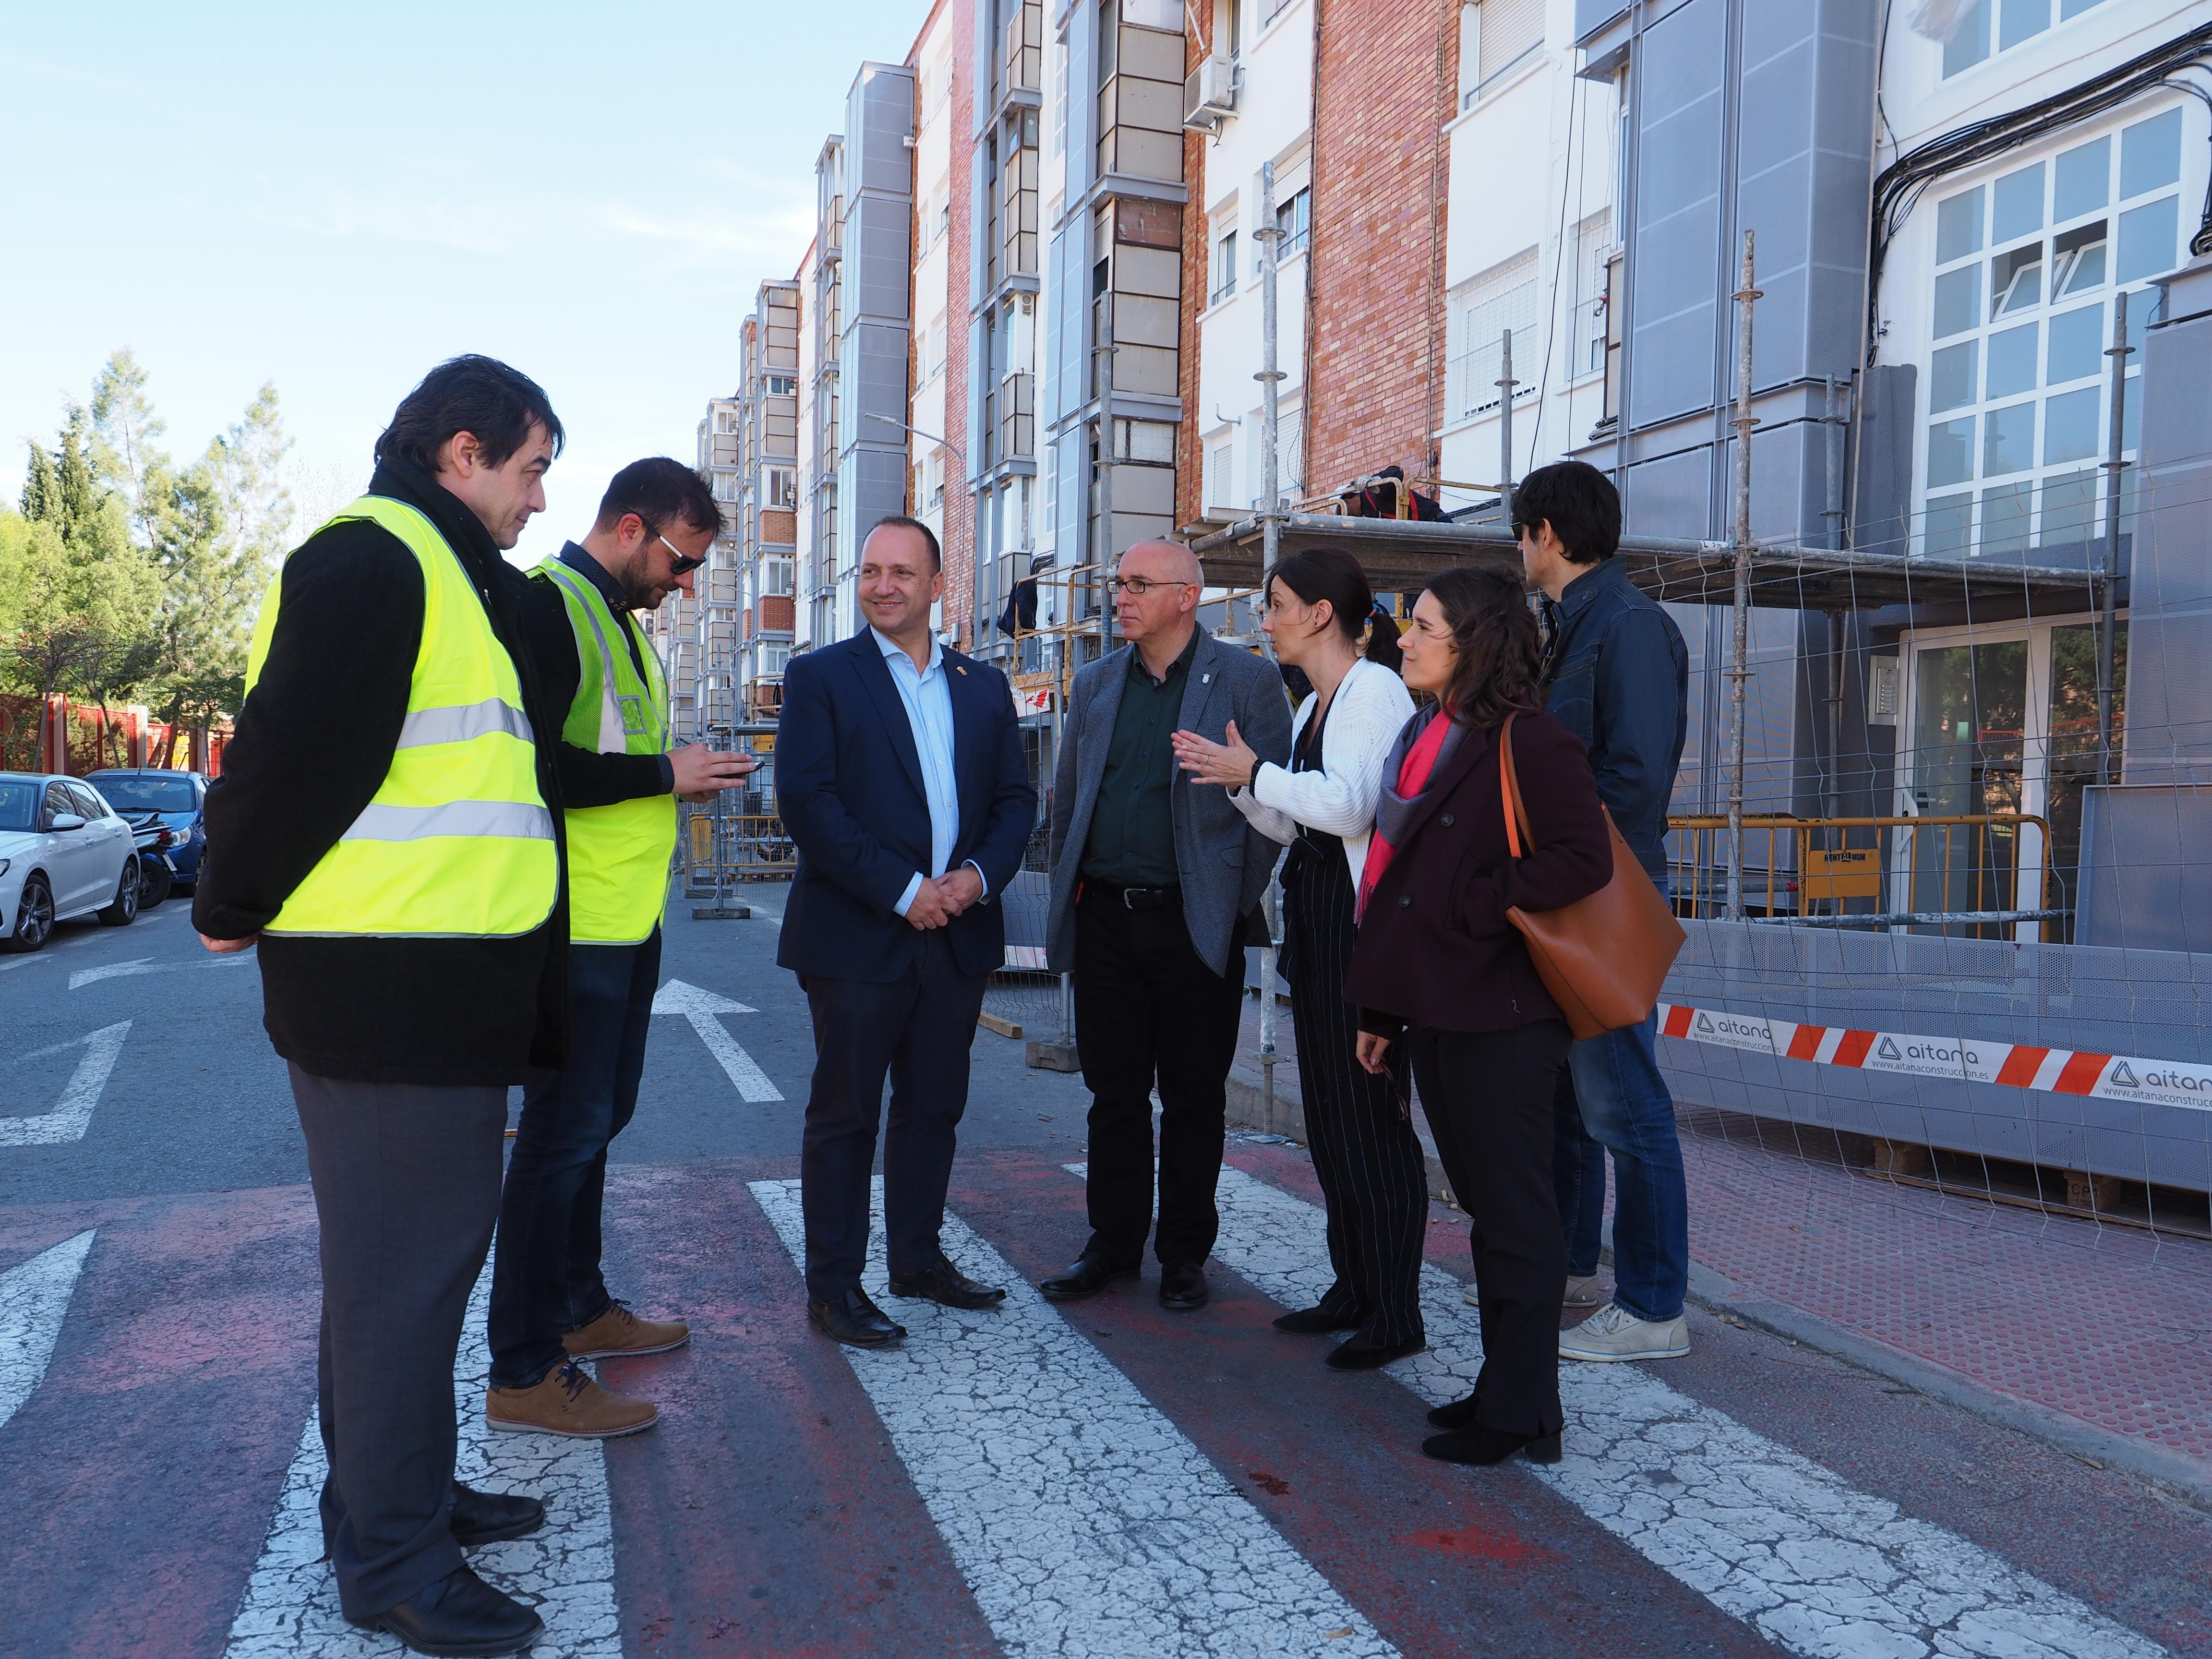 Martínez Dalmau apuesta por la rehabilitación de 192 viviendas en Sant Vicent del Raspeig cuyas obras finalizarán a principios de 2021